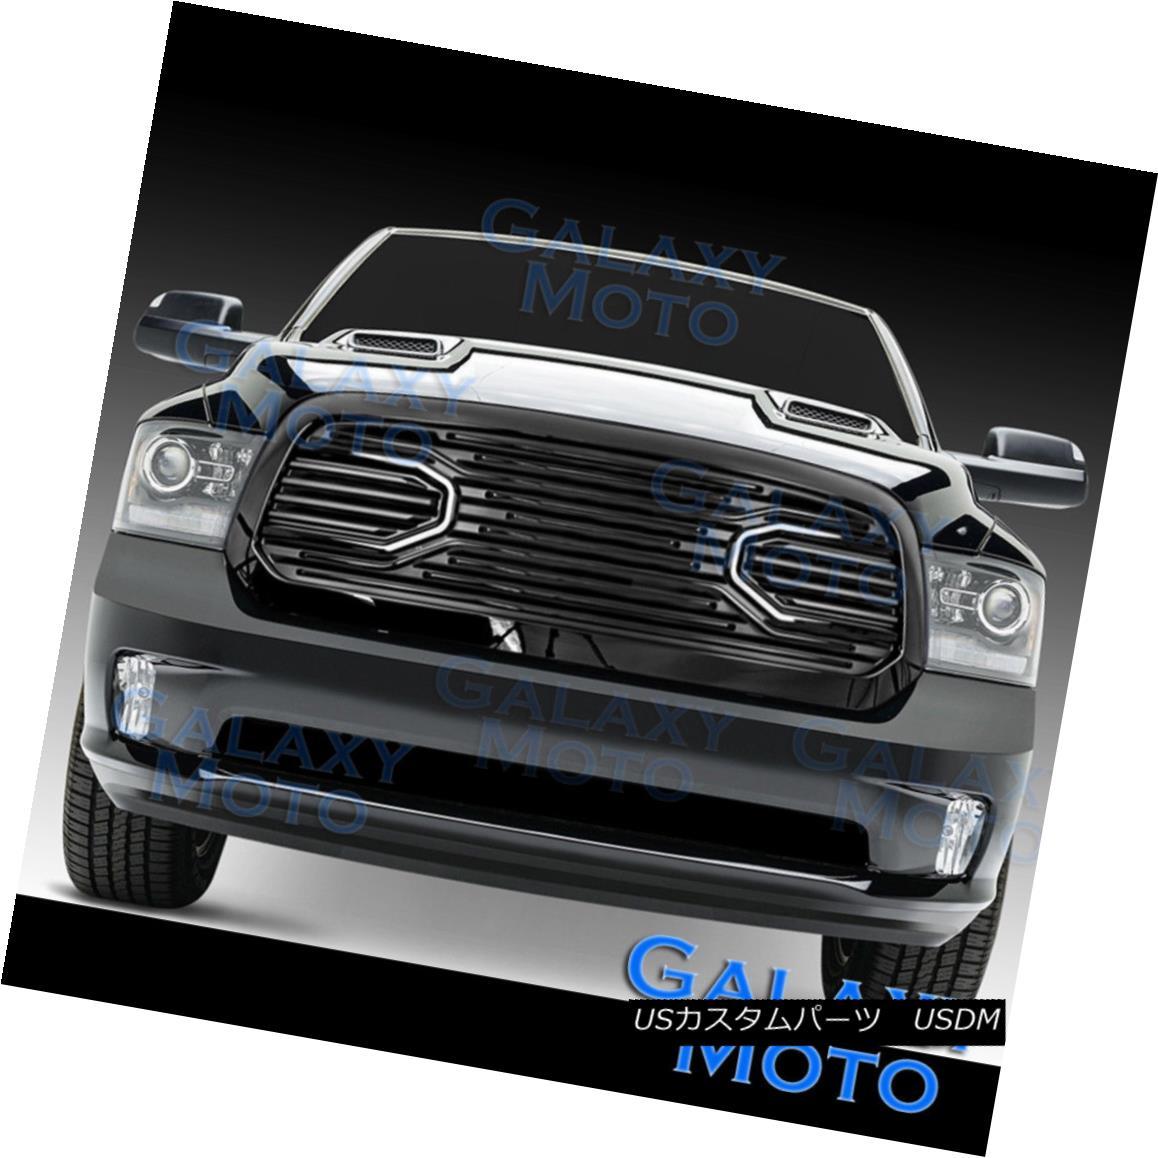 グリル 13-17 Dodge RAM Truck 1500 Front Hood Big Horn Black Replacement Grille+Shell 13-17ドッジRAMトラック1500フロントフードビッグホーンブラック交換グリル+シェル